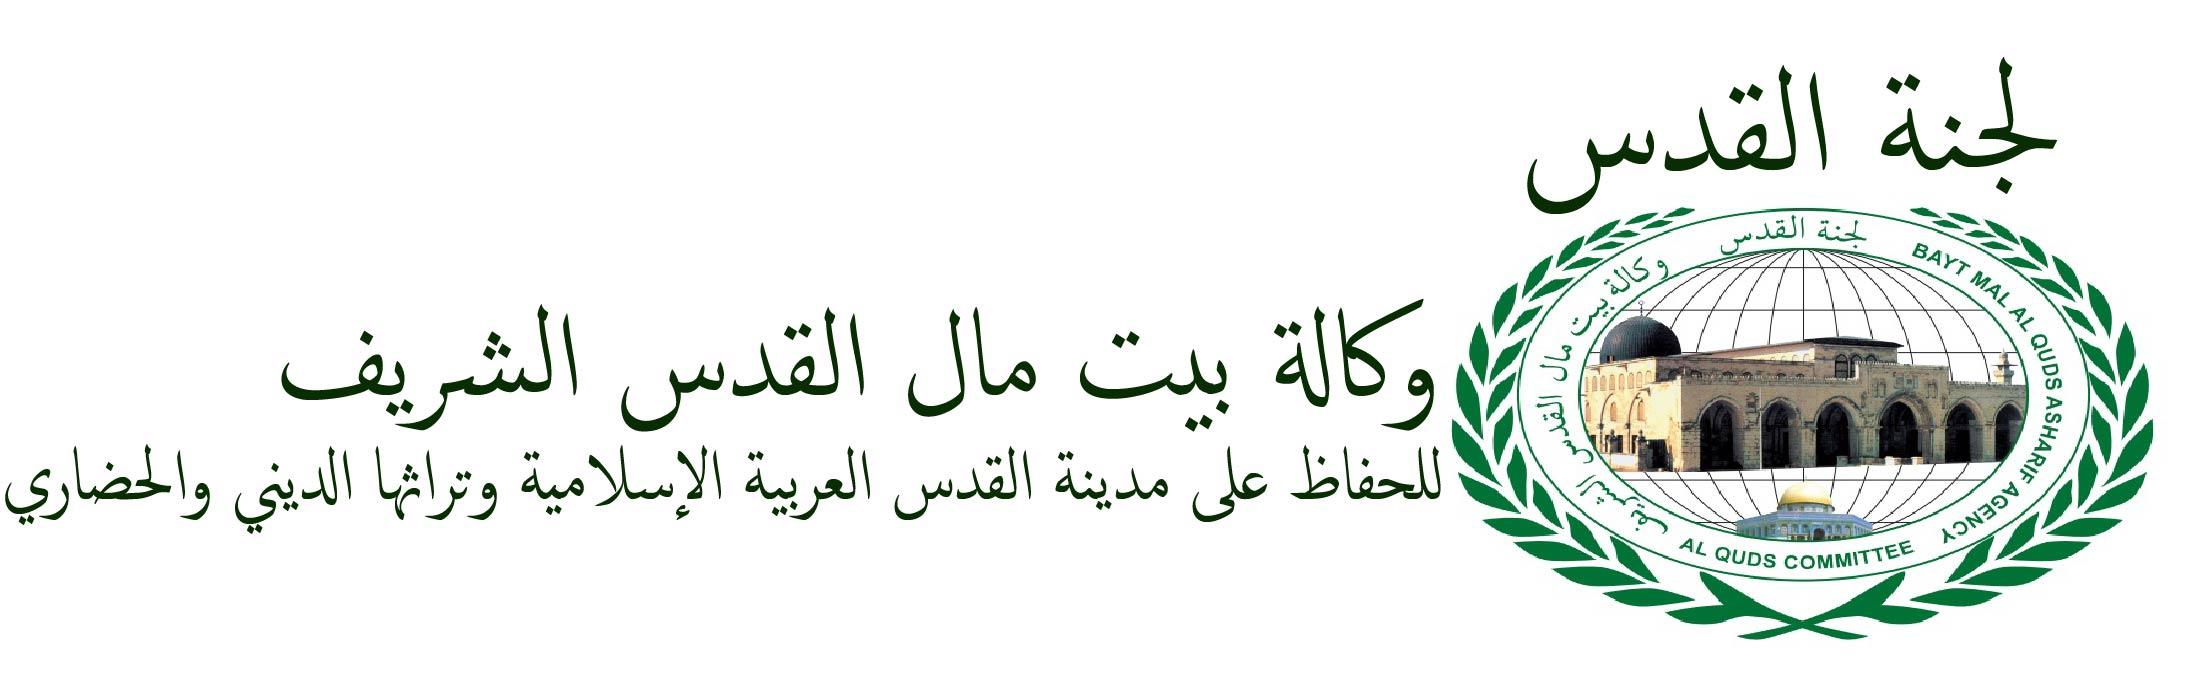 Bayt Mal Al Qods